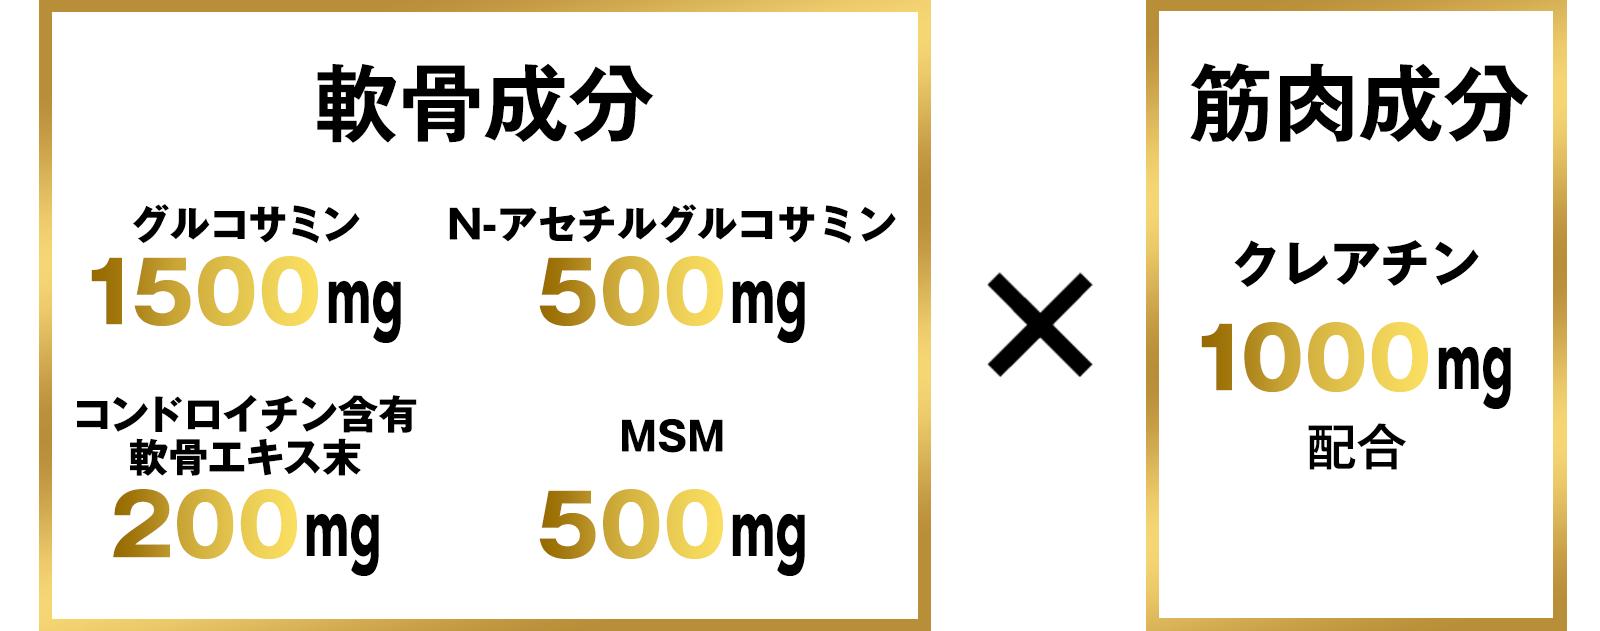 【軟骨成分】グルコサミン1500mg、N-アセチルグルコサミン500mg×【筋肉成分】クレアチン1000mgの高配合